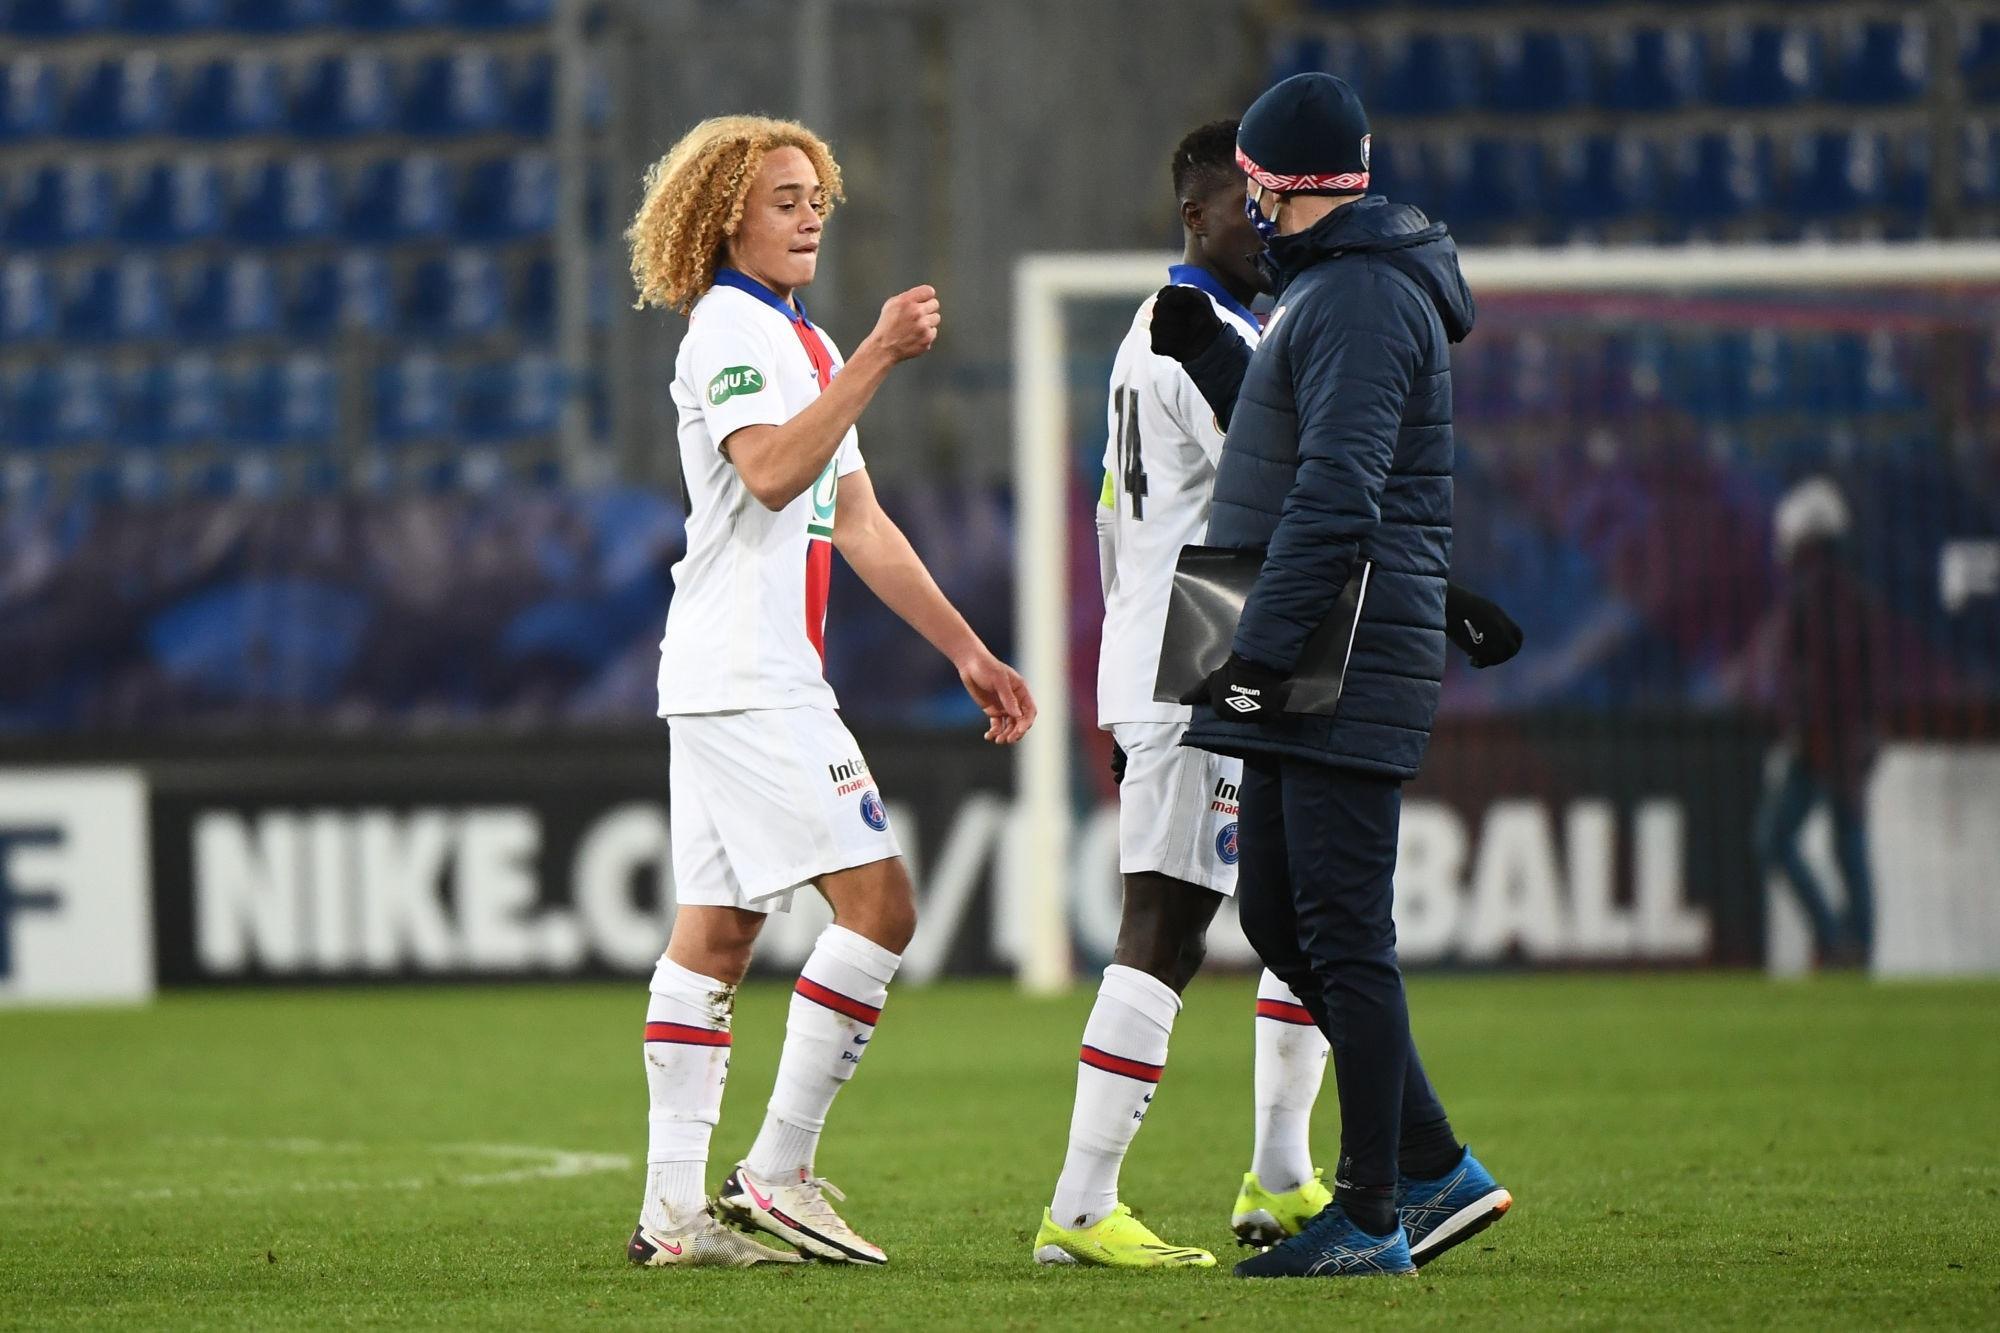 """Caen/PSG - Simons évoque """"un moment très spécial"""" et de l'espoir pour la suite"""